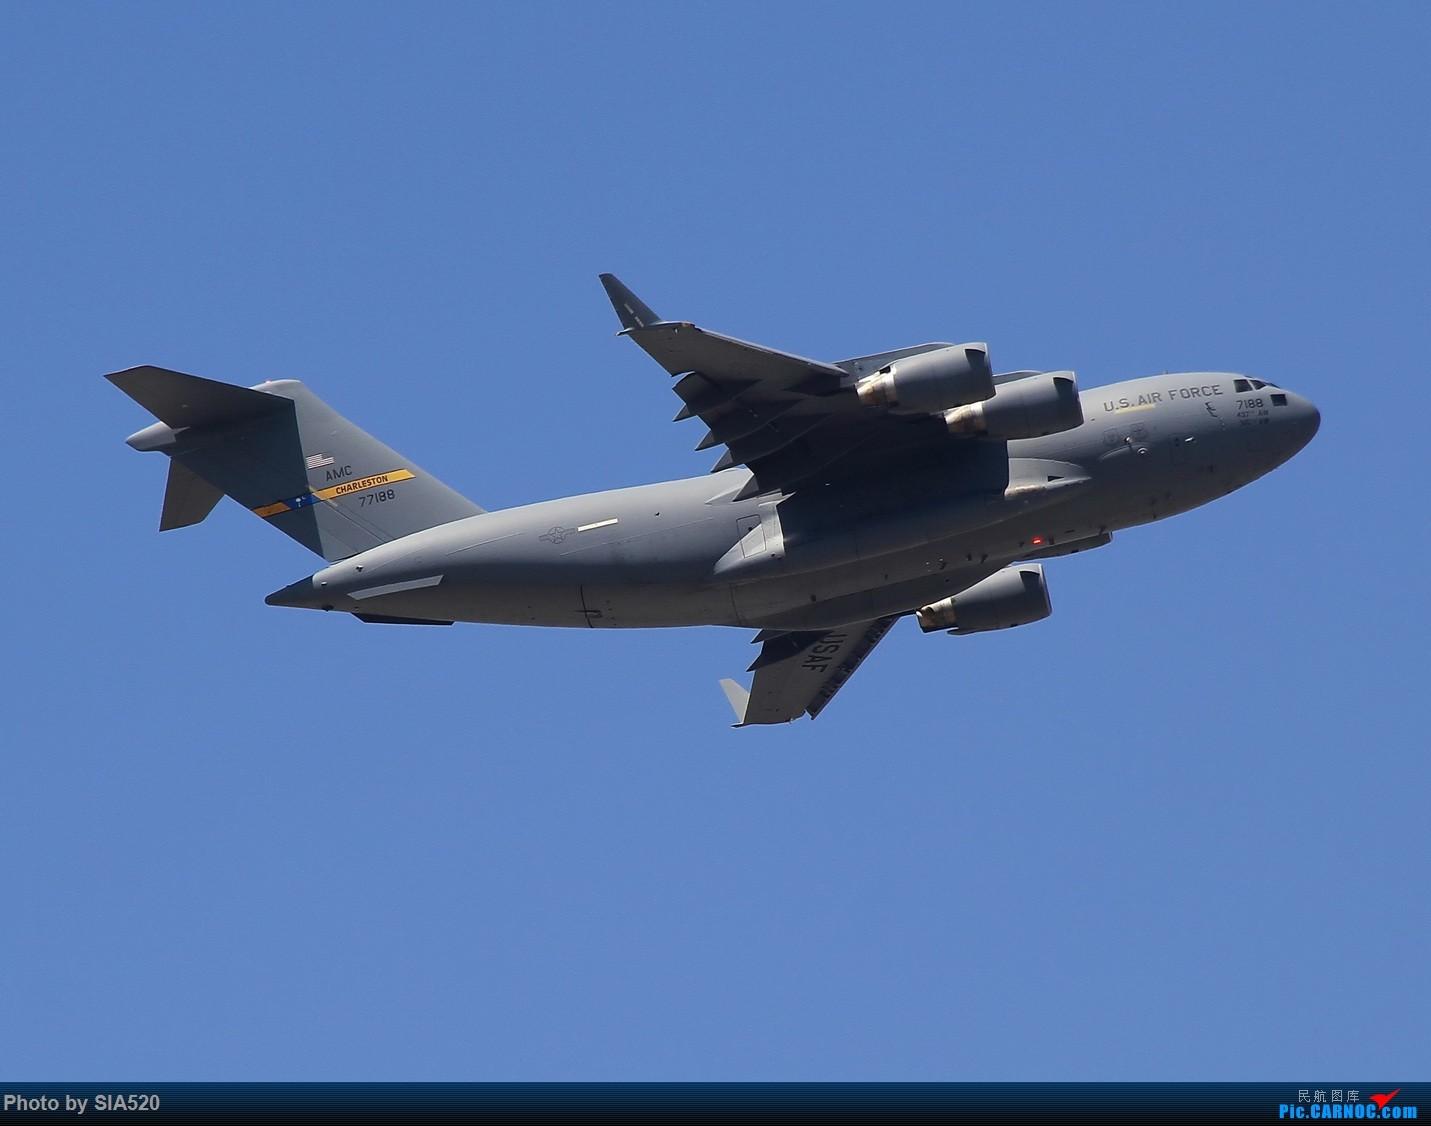 [原创]ZBAA~萌新重度拖延症~~~~ C-17GLOBEMASTER III 77188 中国北京首都国际机场